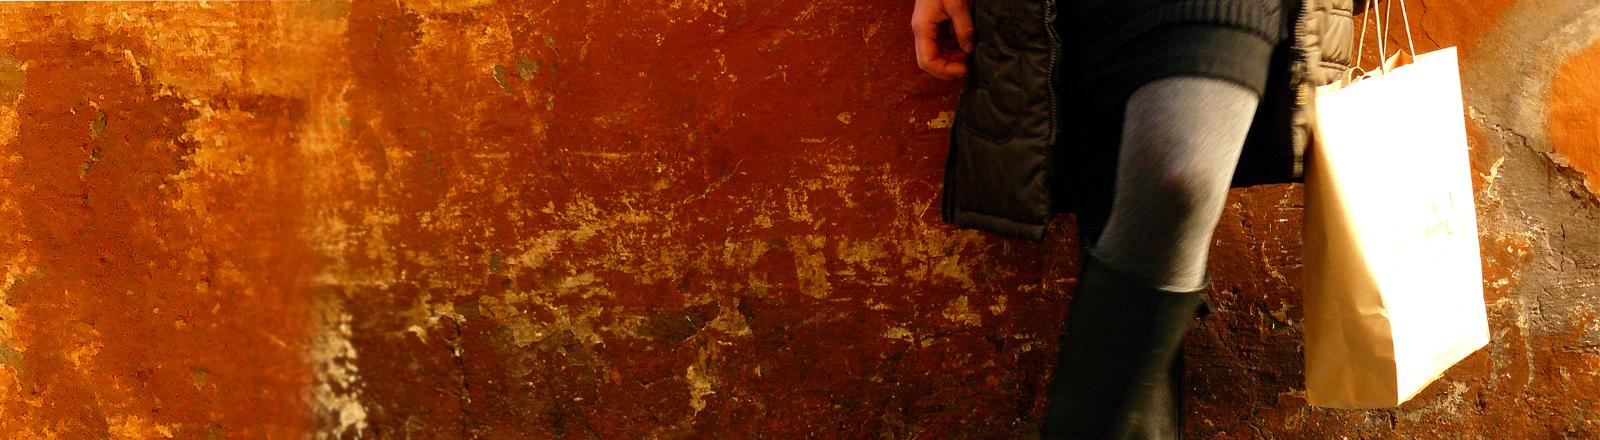 Ein Frau lehnt mit einer Papiertüte an einer roten Hauswand, wo der Putz abbröckelt.